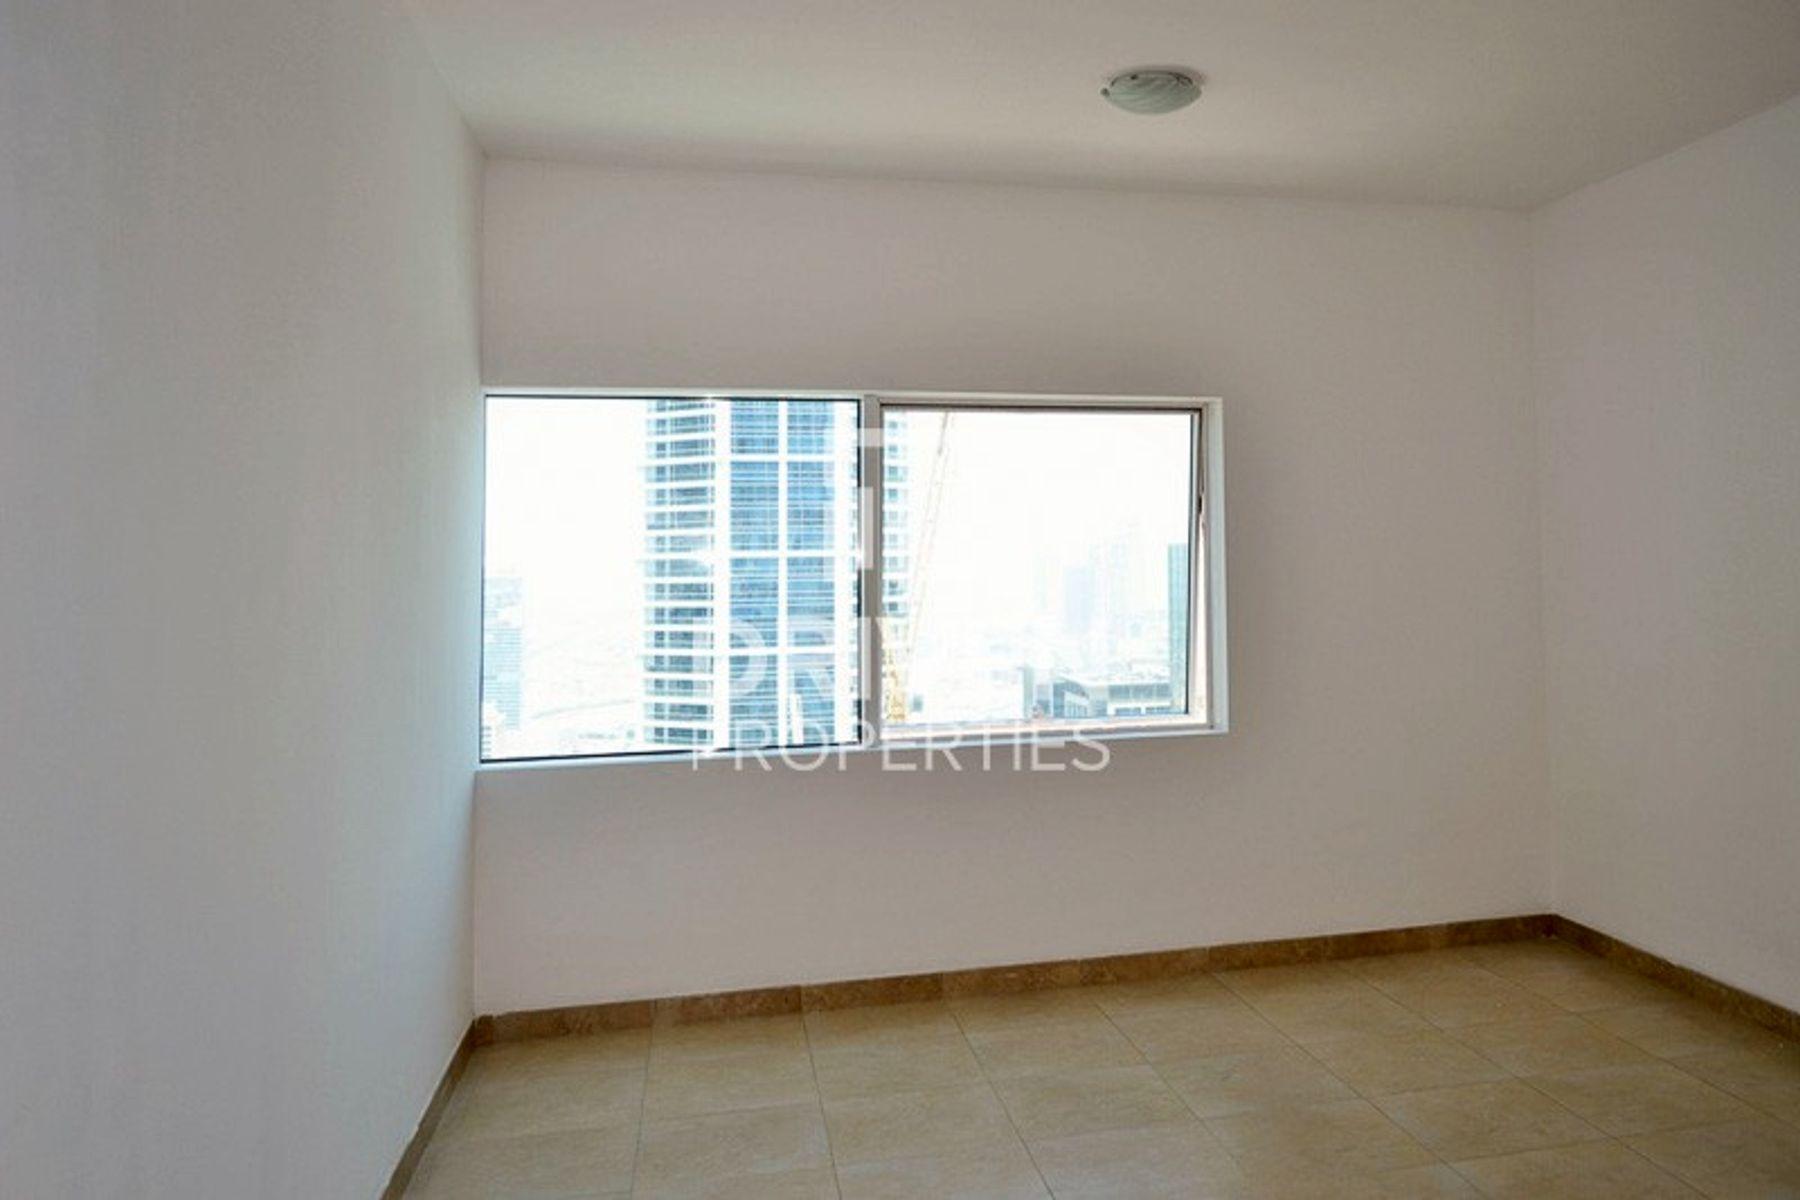 للايجار - شقة - برج ماج 218 - دبي مارينا